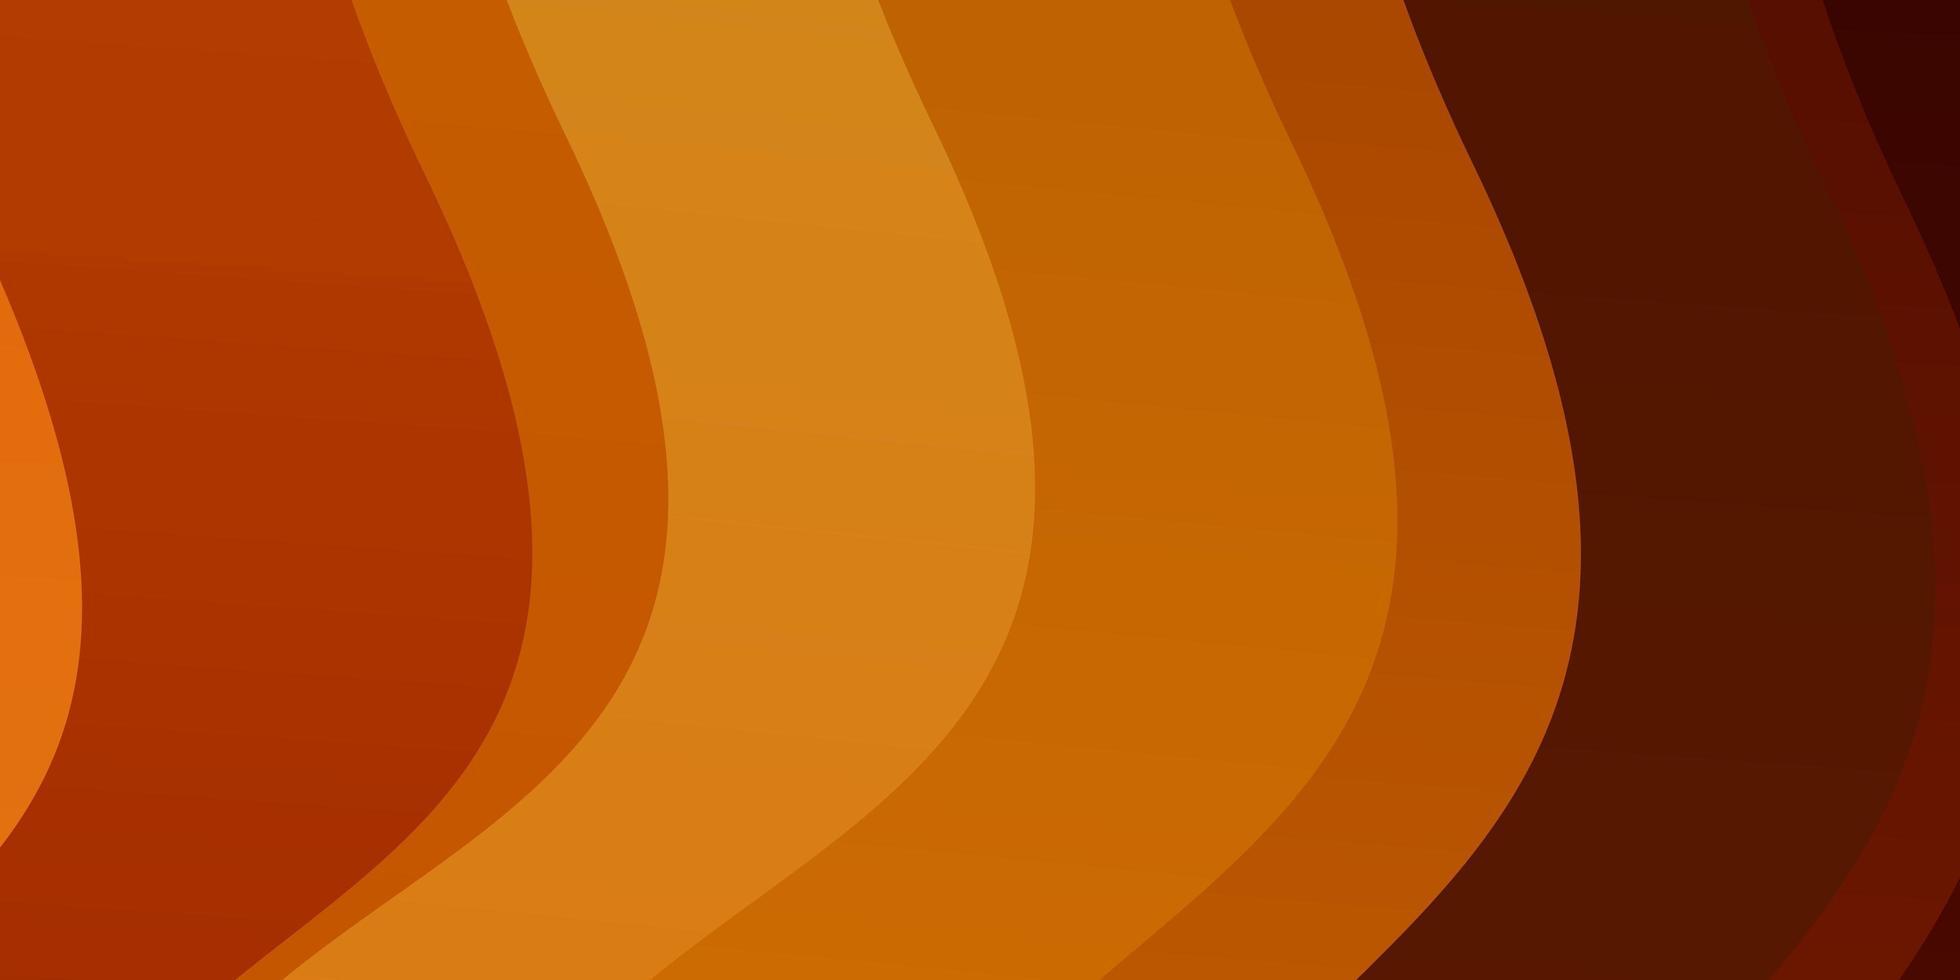 hellorange Vektor Hintergrund mit Kurven.